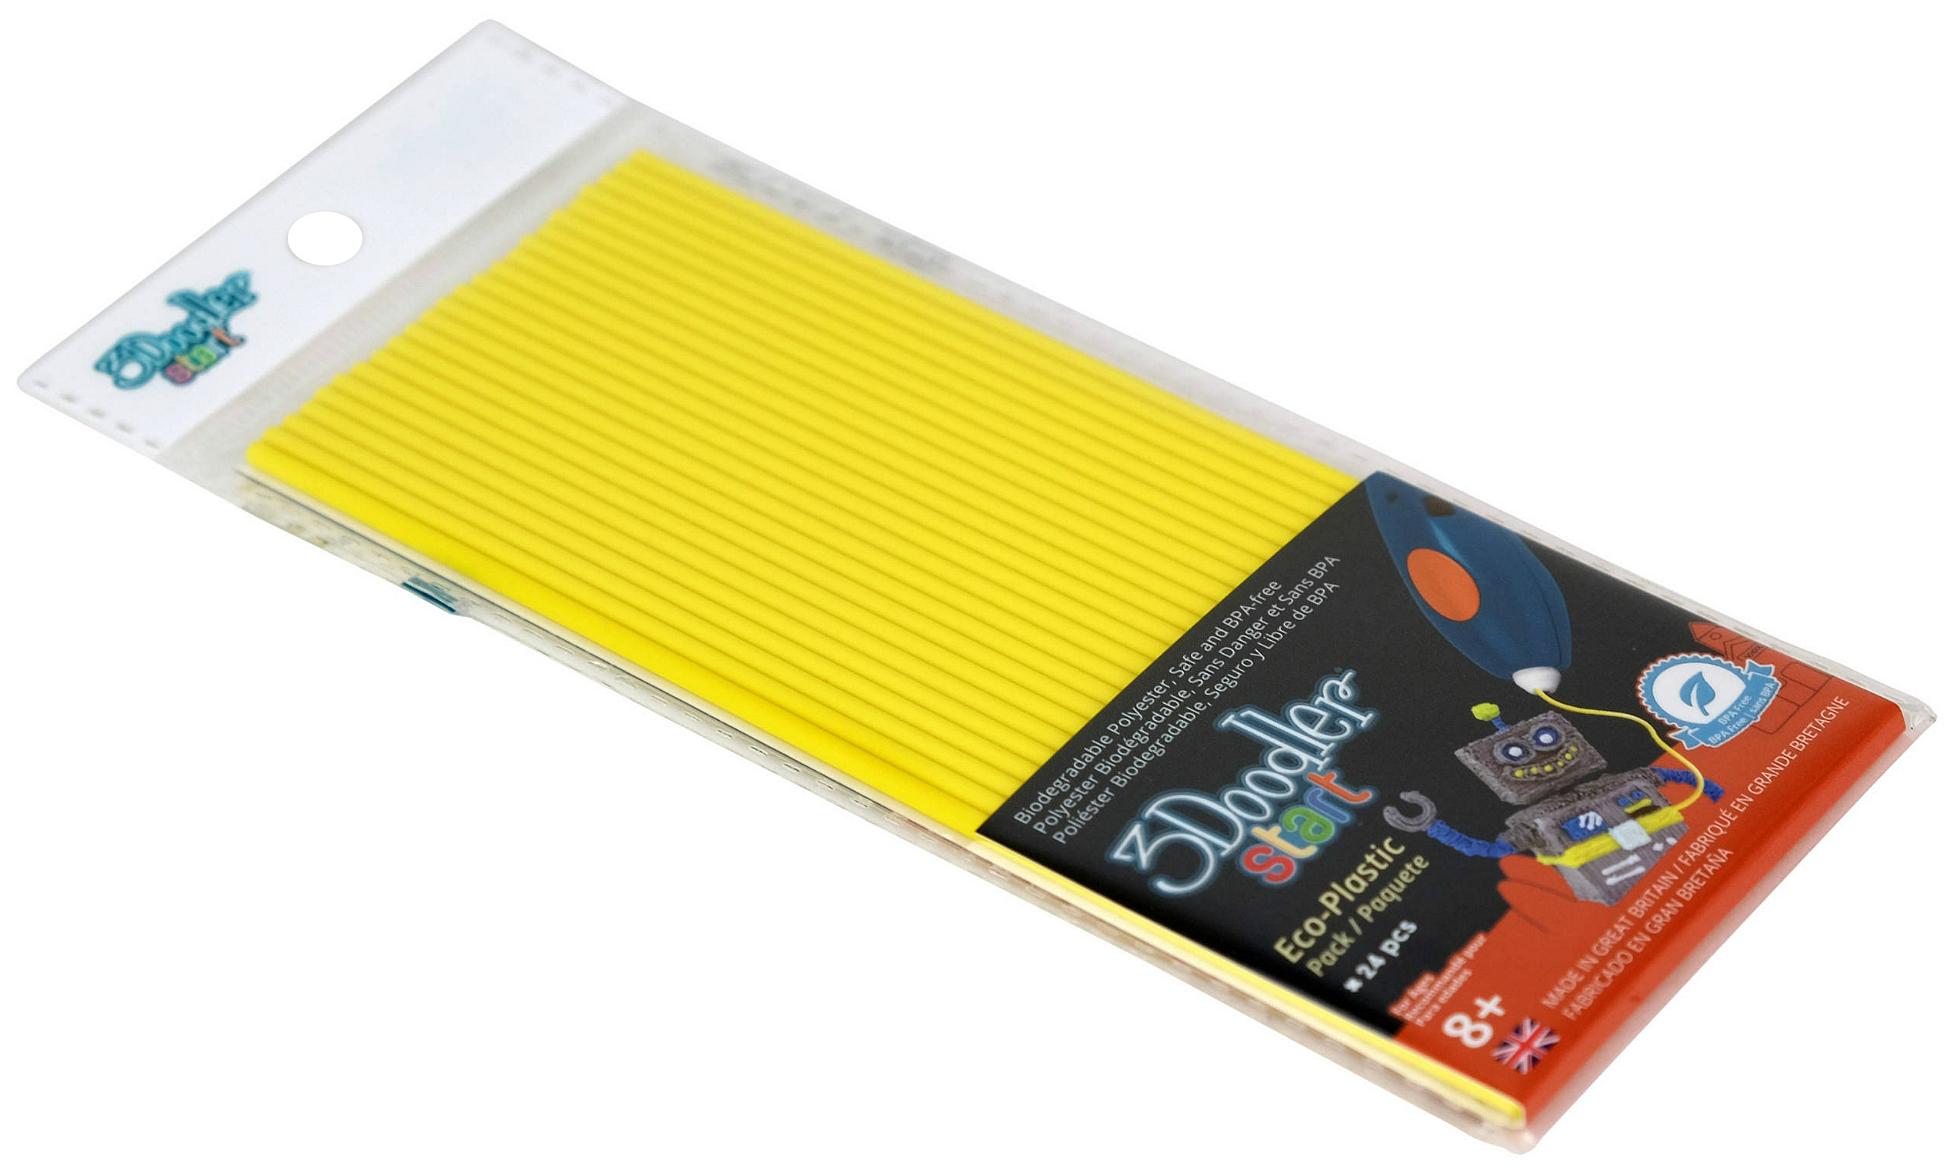 Купить Эко-пластик к 3Д ручке 3Doodler Start, цвет желтый 24 шт, Wobble Works, 3D ручки